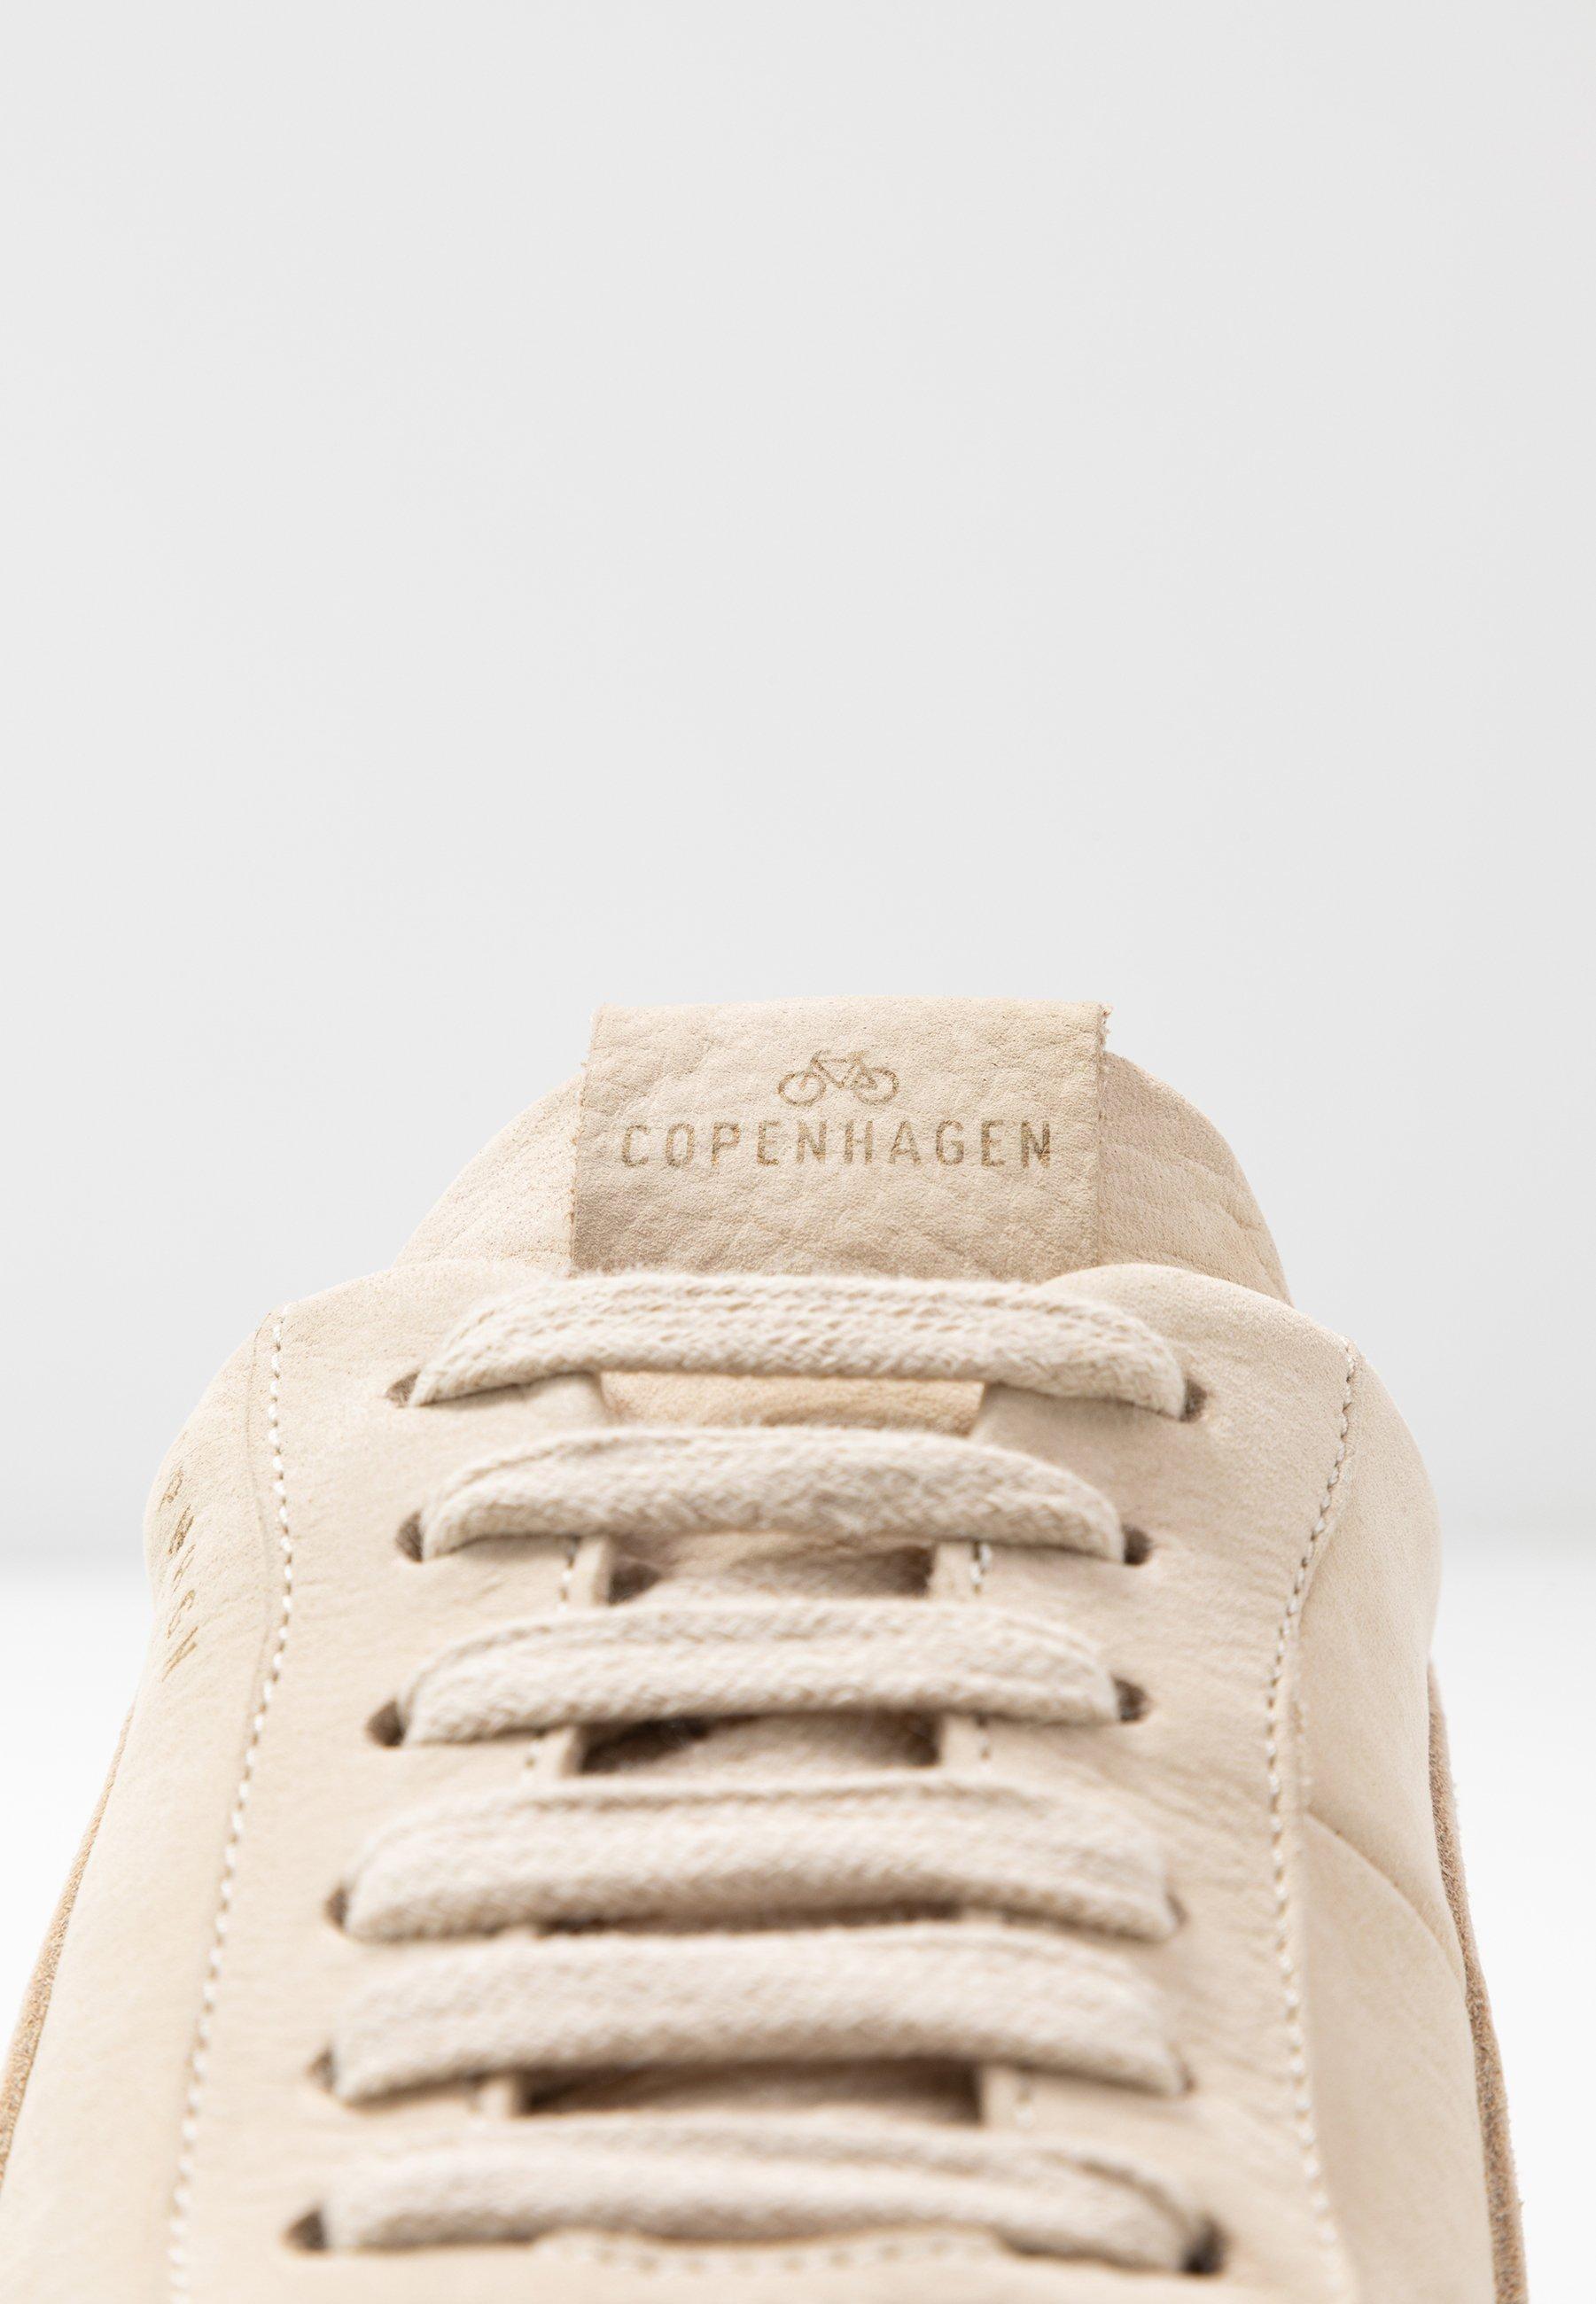 Copenhagen Sneaker Low - Cream Black Friday